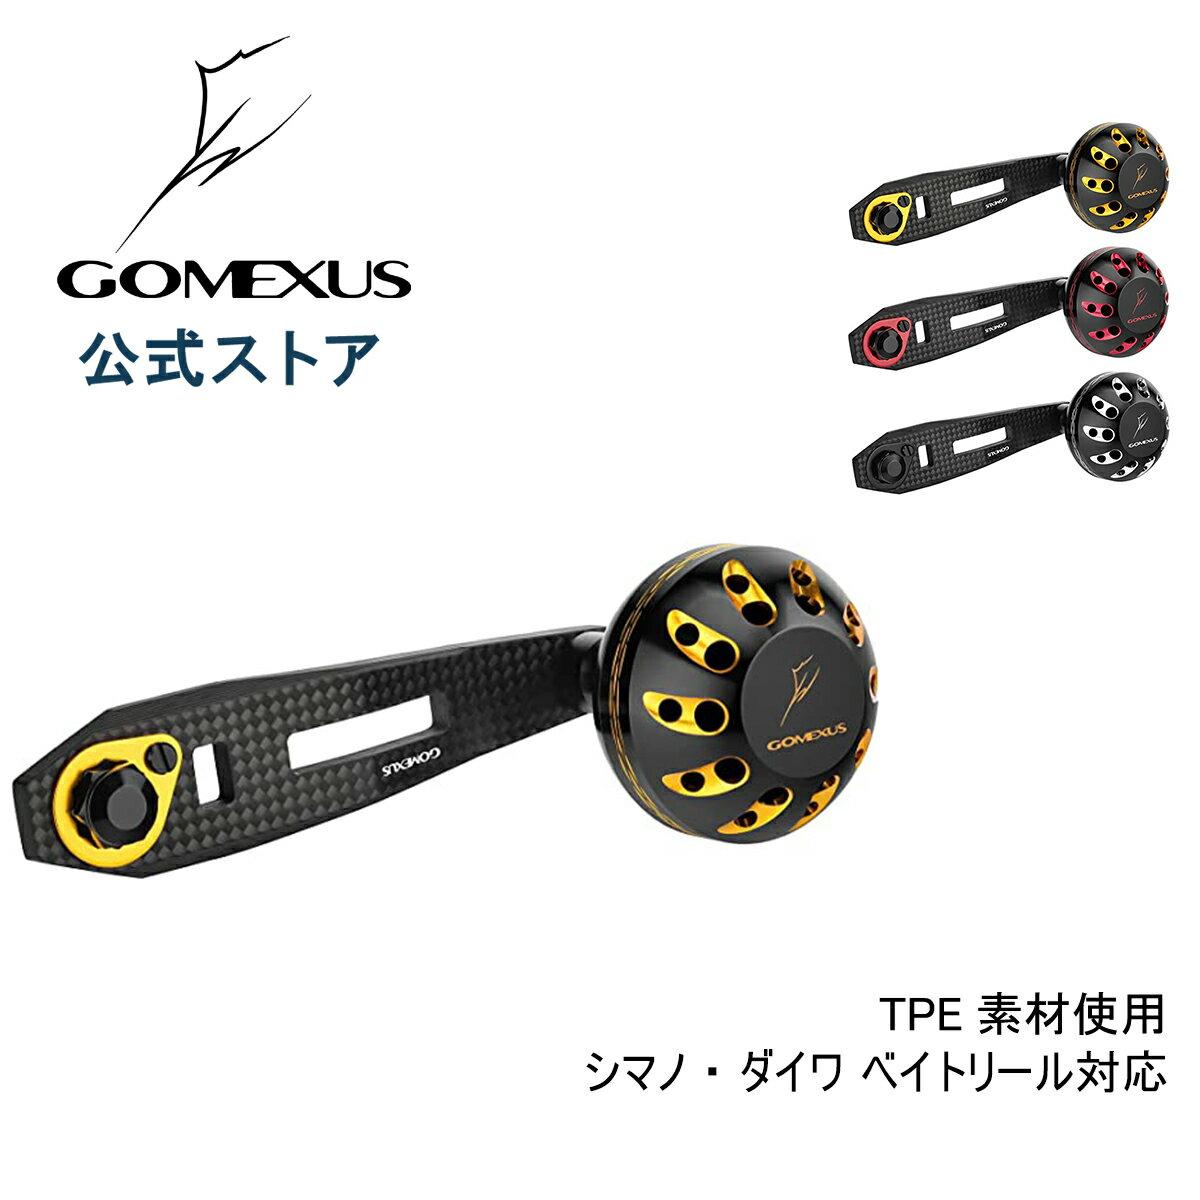 フィッシング, リールパーツ  74mm DC BB 300 85mm 75mm Gomexus